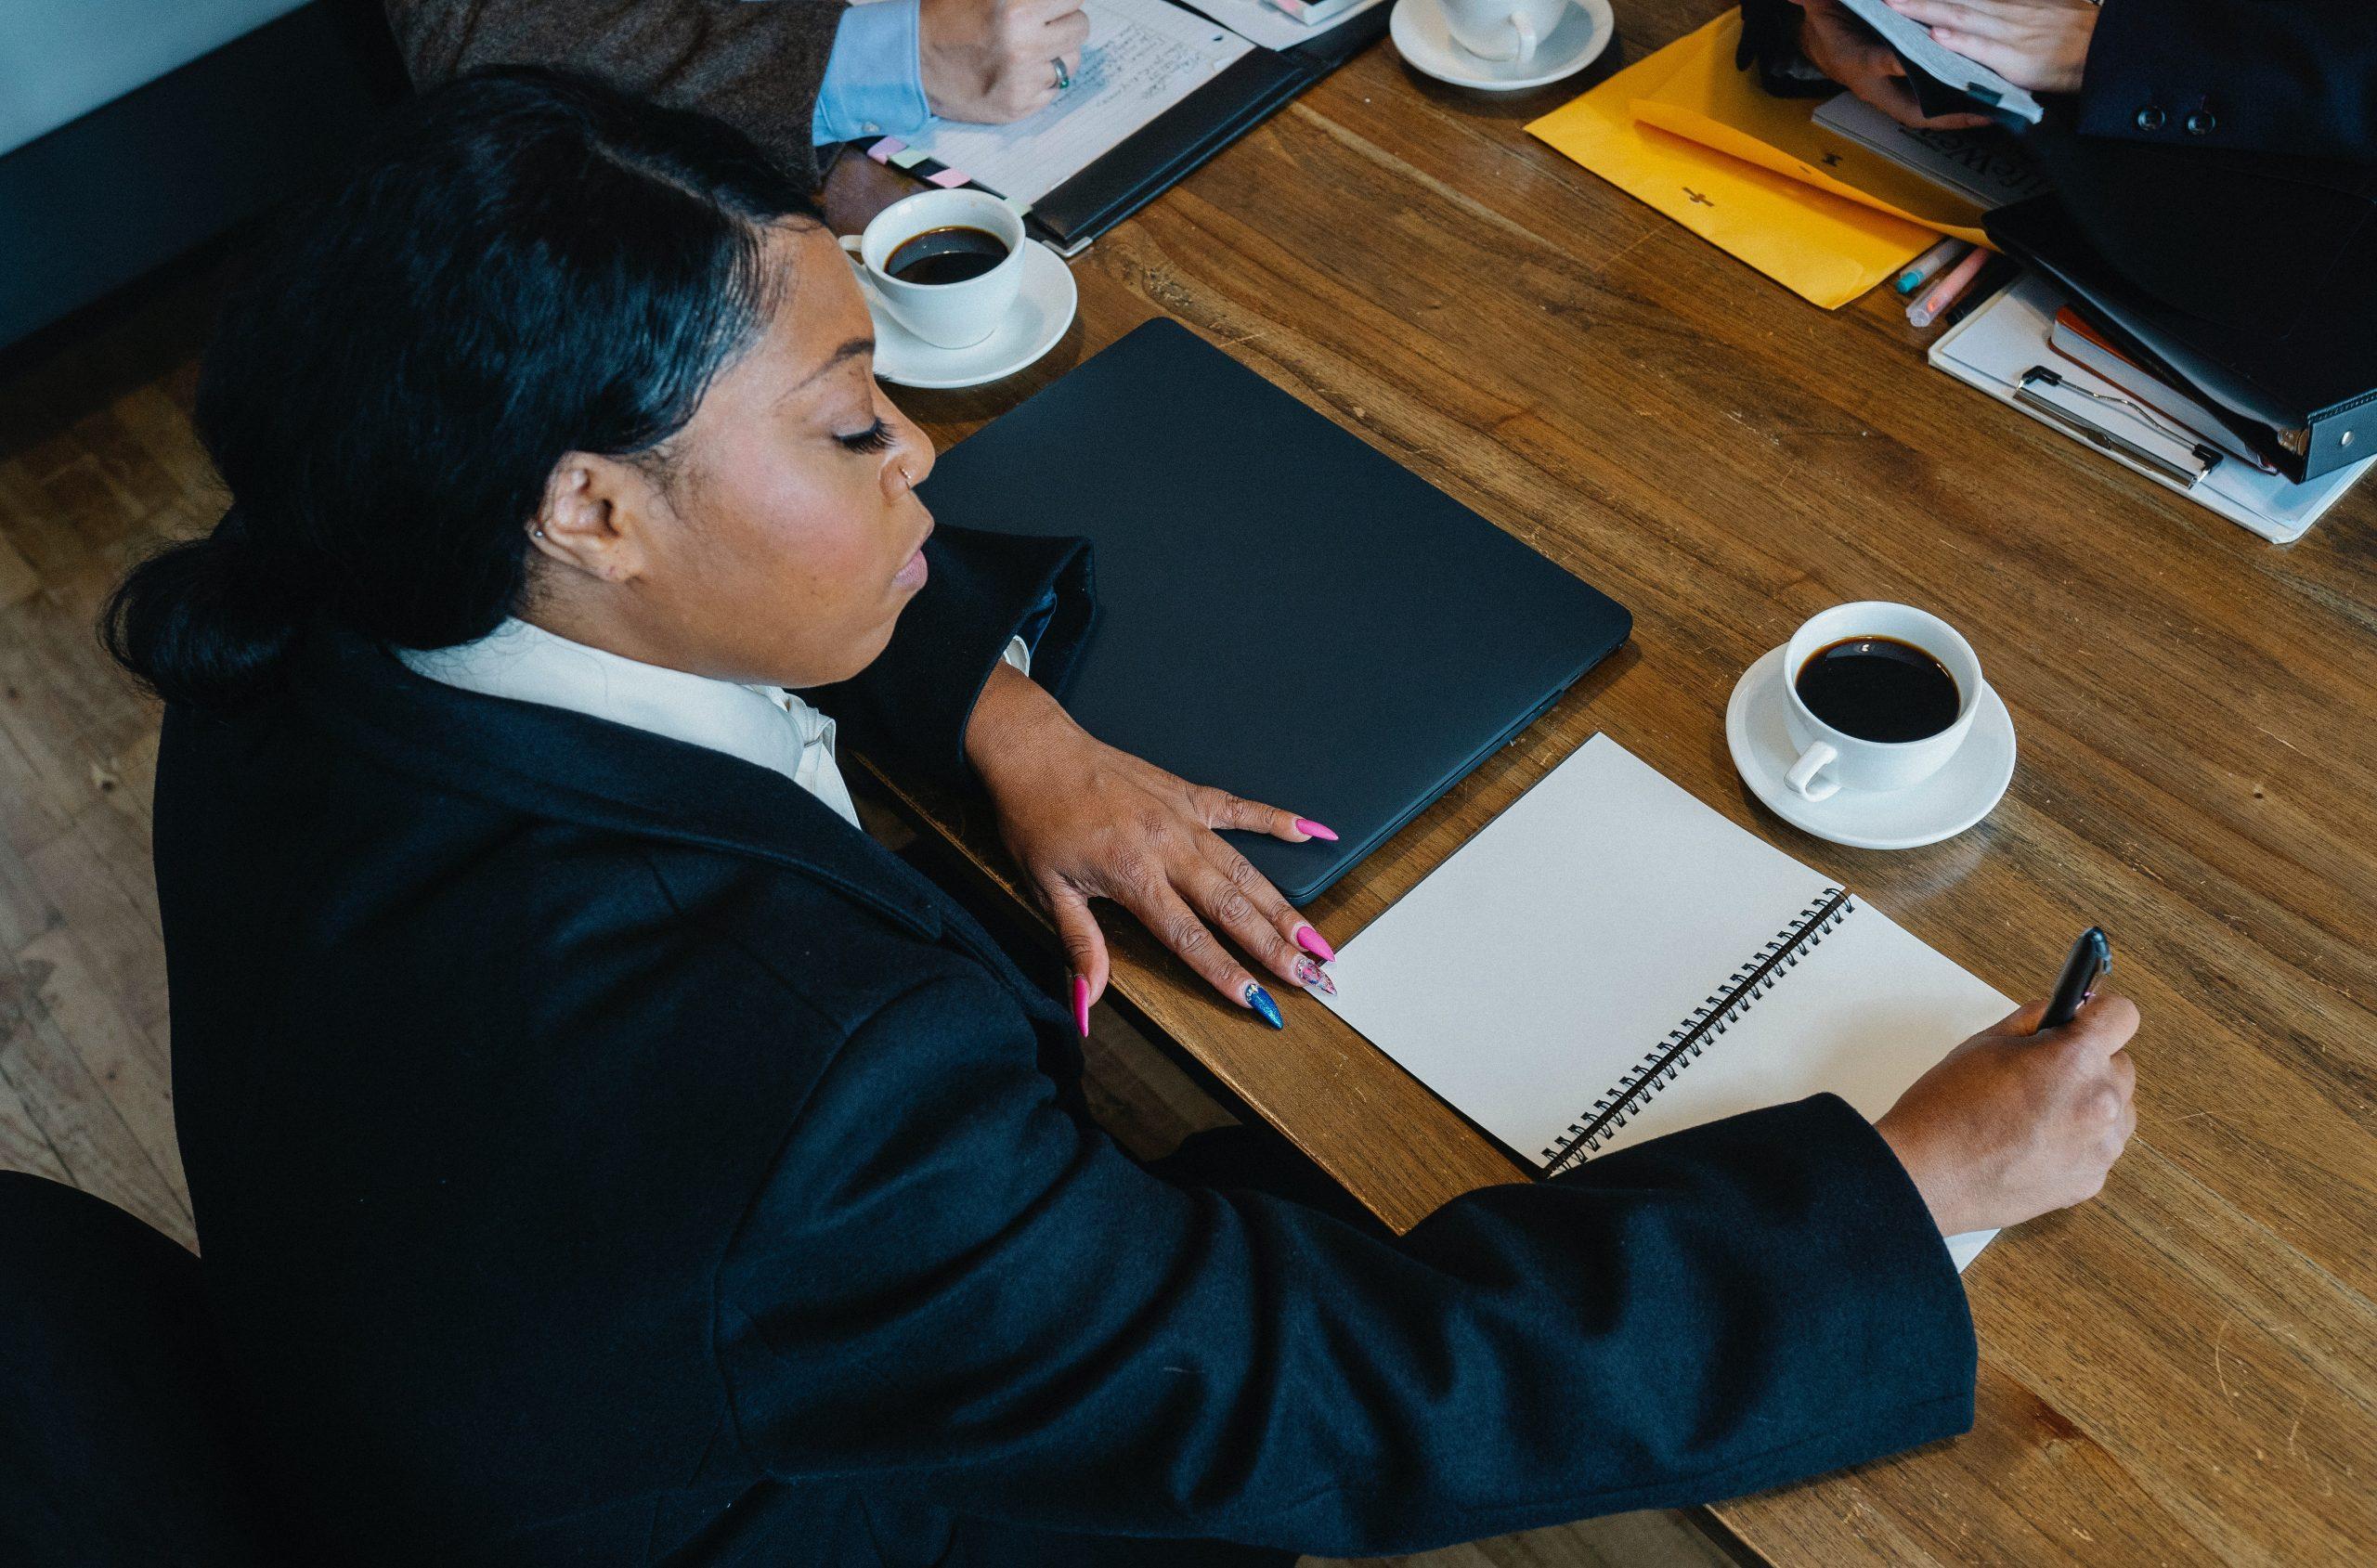 Pessoa analisando os processos e produtos do negócio